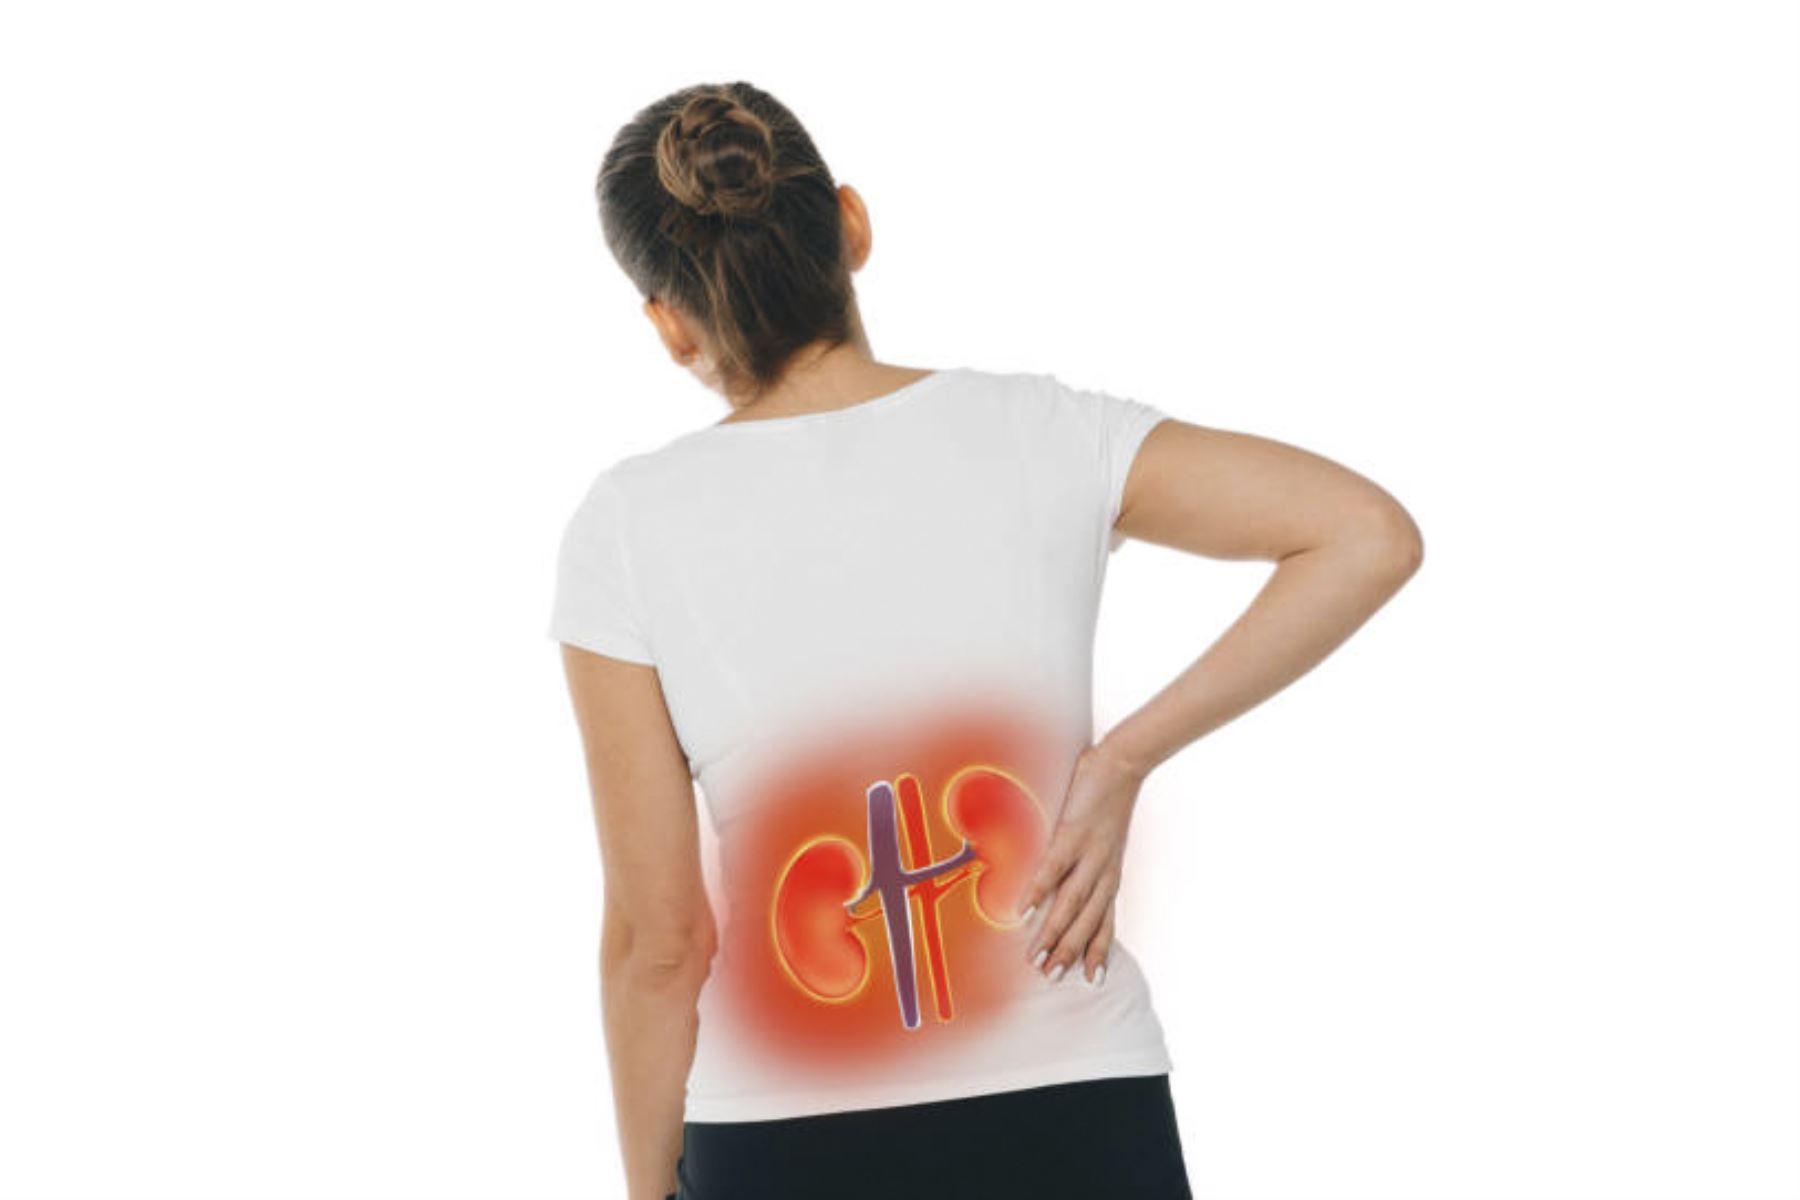 ¿Problemas en los riñones? Cinco señales para detectarlos a tiempo